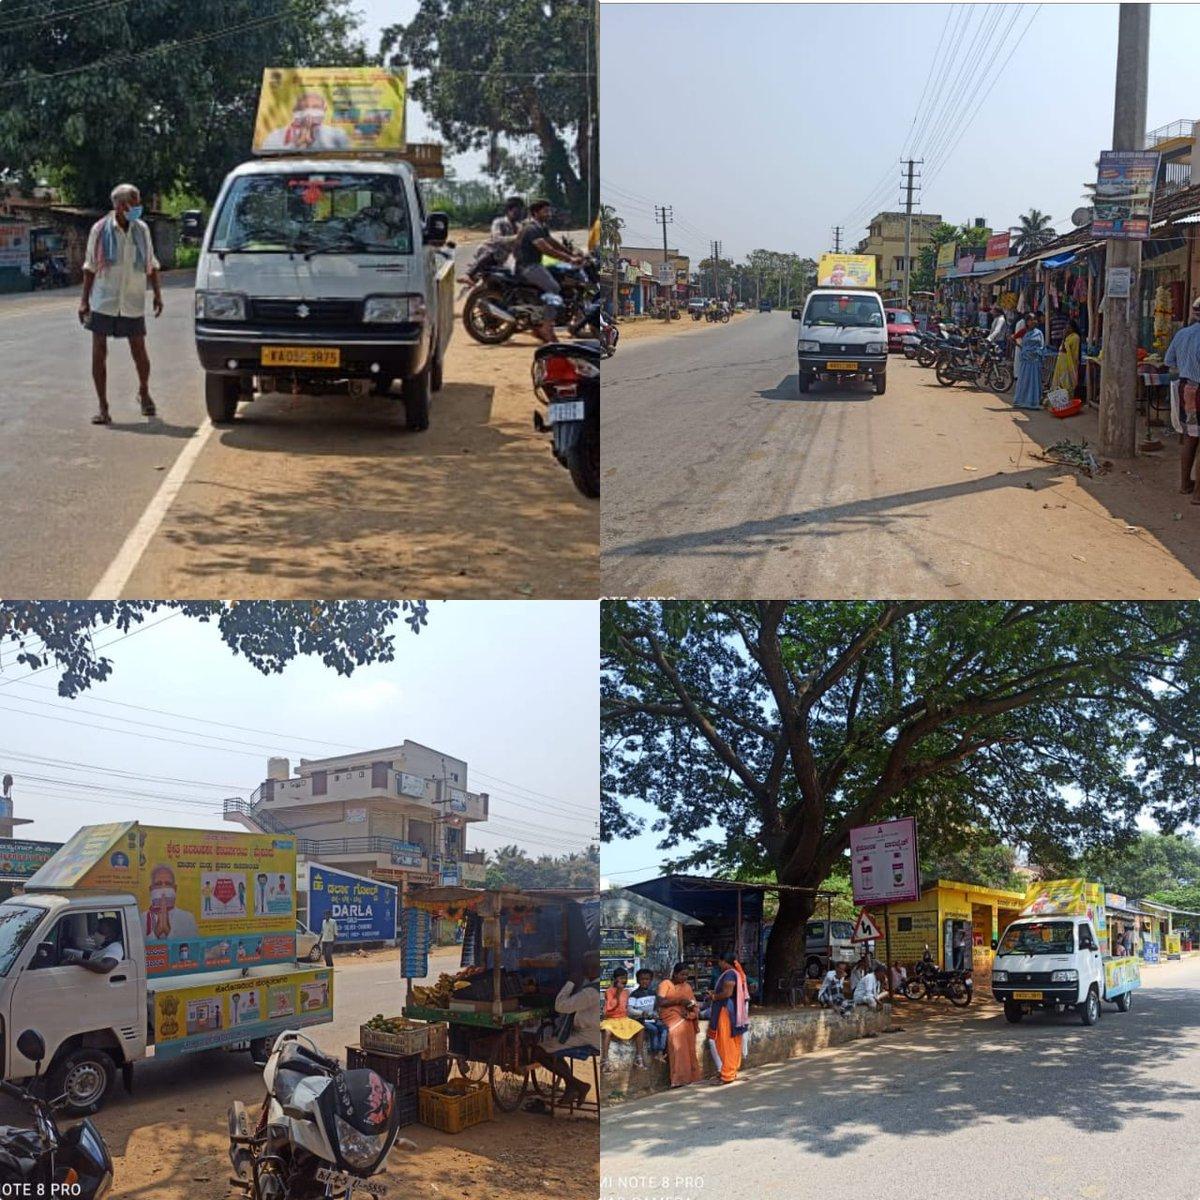 ಕ್ಷೇತ್ರ ಜನಸಂಪರ್ಕ ಕಾರ್ಯಾಲಯ, #ಮೈಸೂರು ವತಿಯಿಂದ #ಕೋವಿಡ್19 ಕುರಿತು ಜಾಗೃತಿ.   ಆಲನಹಳ್ಳಿ, ಹಂಡನಹಳ್ಳಿ, ಚಾಮಲಾಪುರ, ಕ್ಯಾತನಹಳ್ಳಿ, ಹಂಪಾಪುರ ರಸ್ತೆಯಲ್ಲಿ ಸಂಚಾರ  #UnitetofightCorona  @ROB_Bengaluru @PIBBengaluru